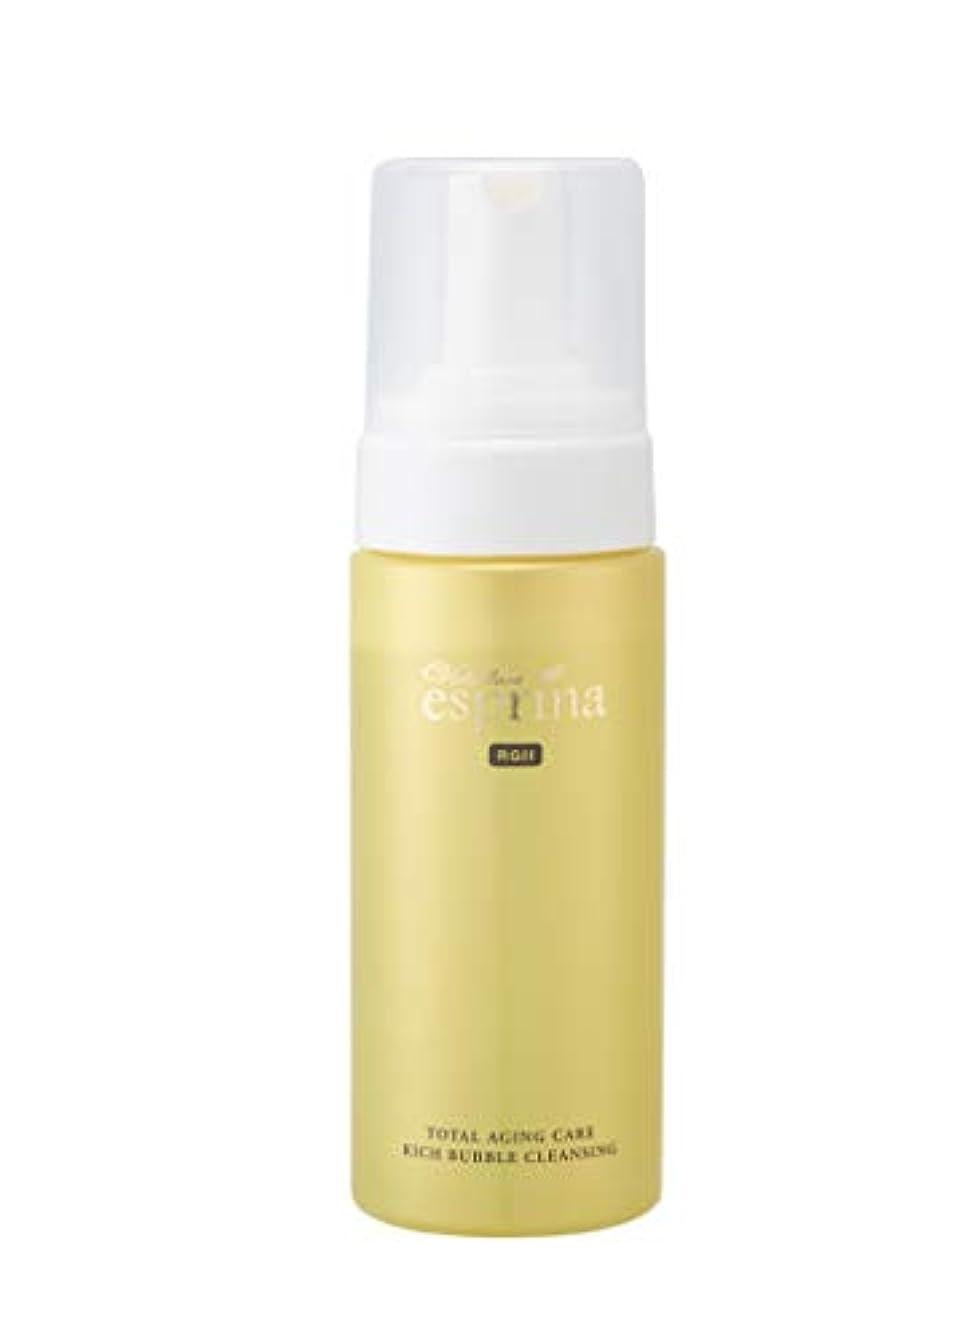 カリング息切れ志すエスプリーナ RG2 トータルエイジングケア 濃密泡 クレンジング <ゴールドパッケージ限定版>